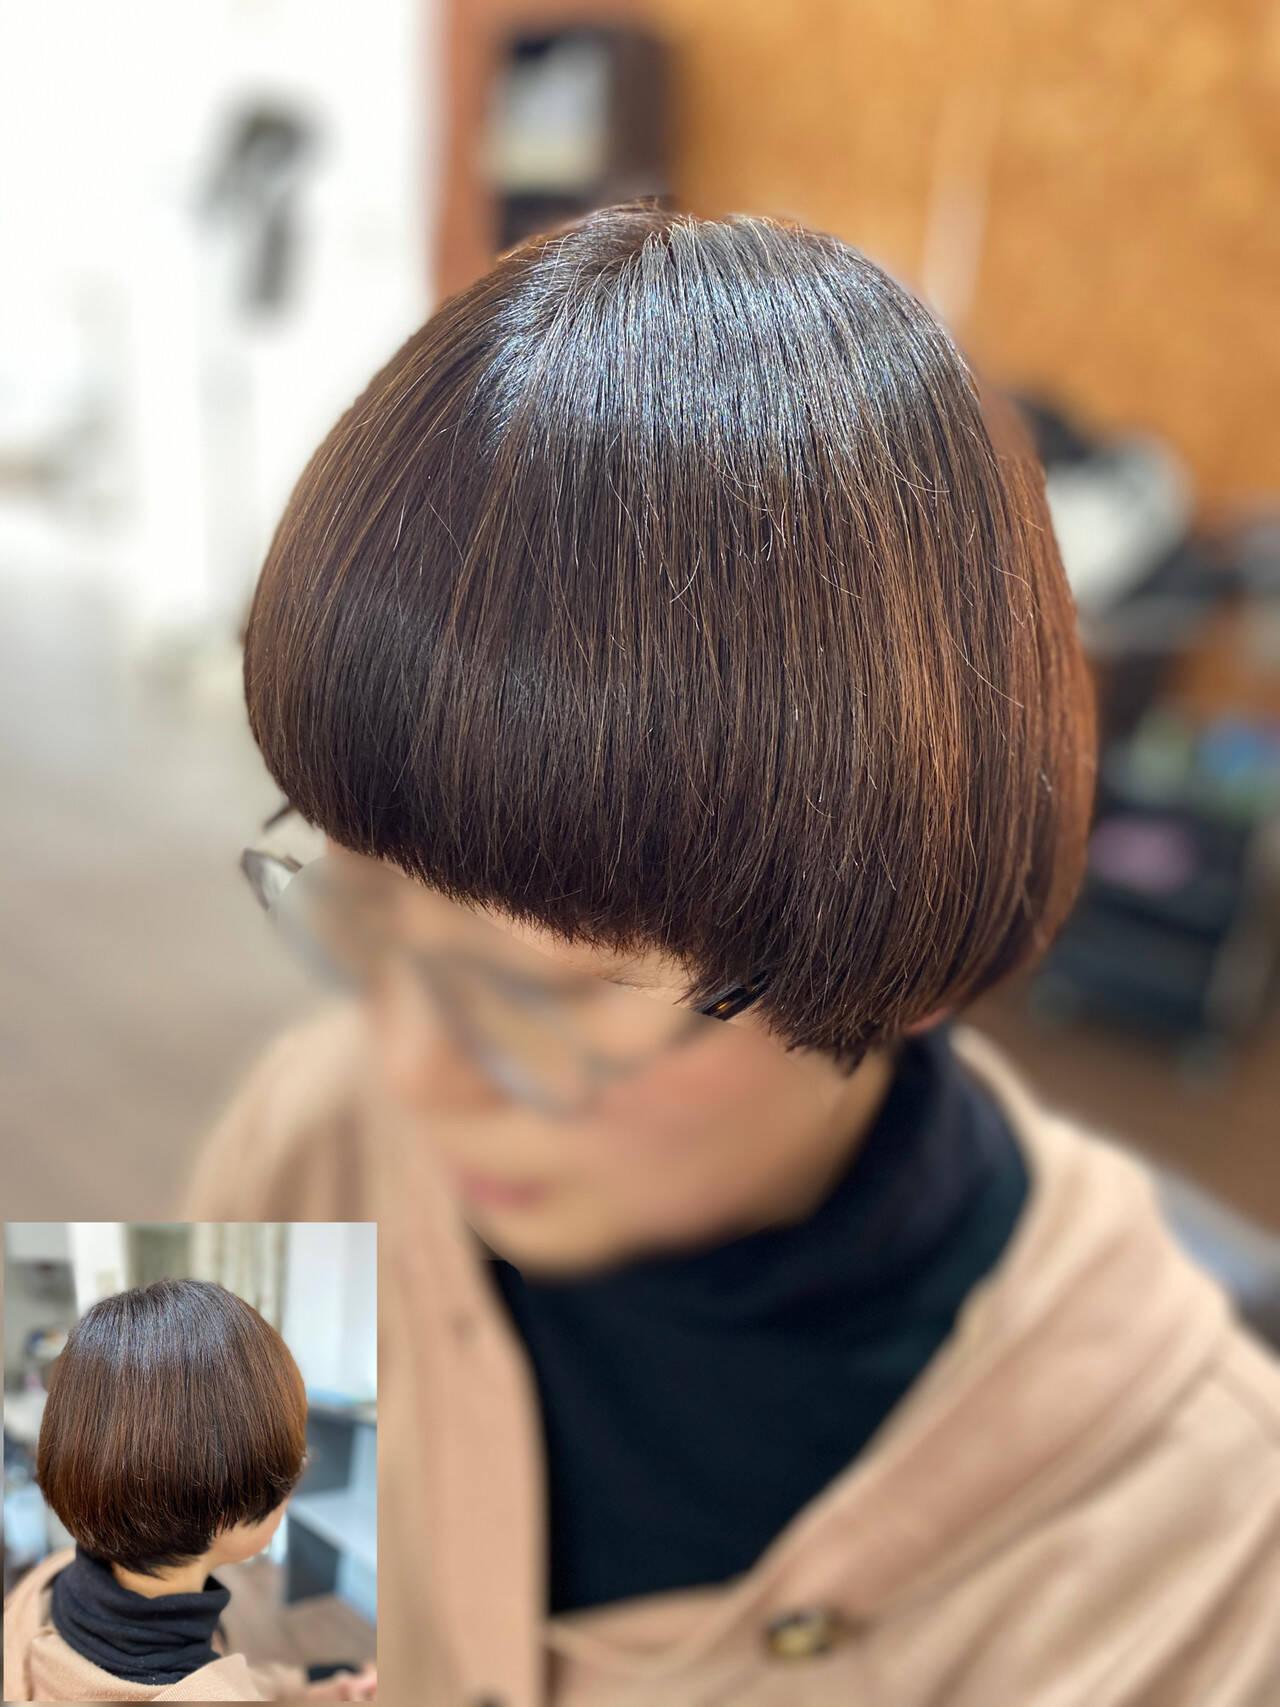 マッシュウルフ モード ショートマッシュ ボブヘアスタイルや髪型の写真・画像